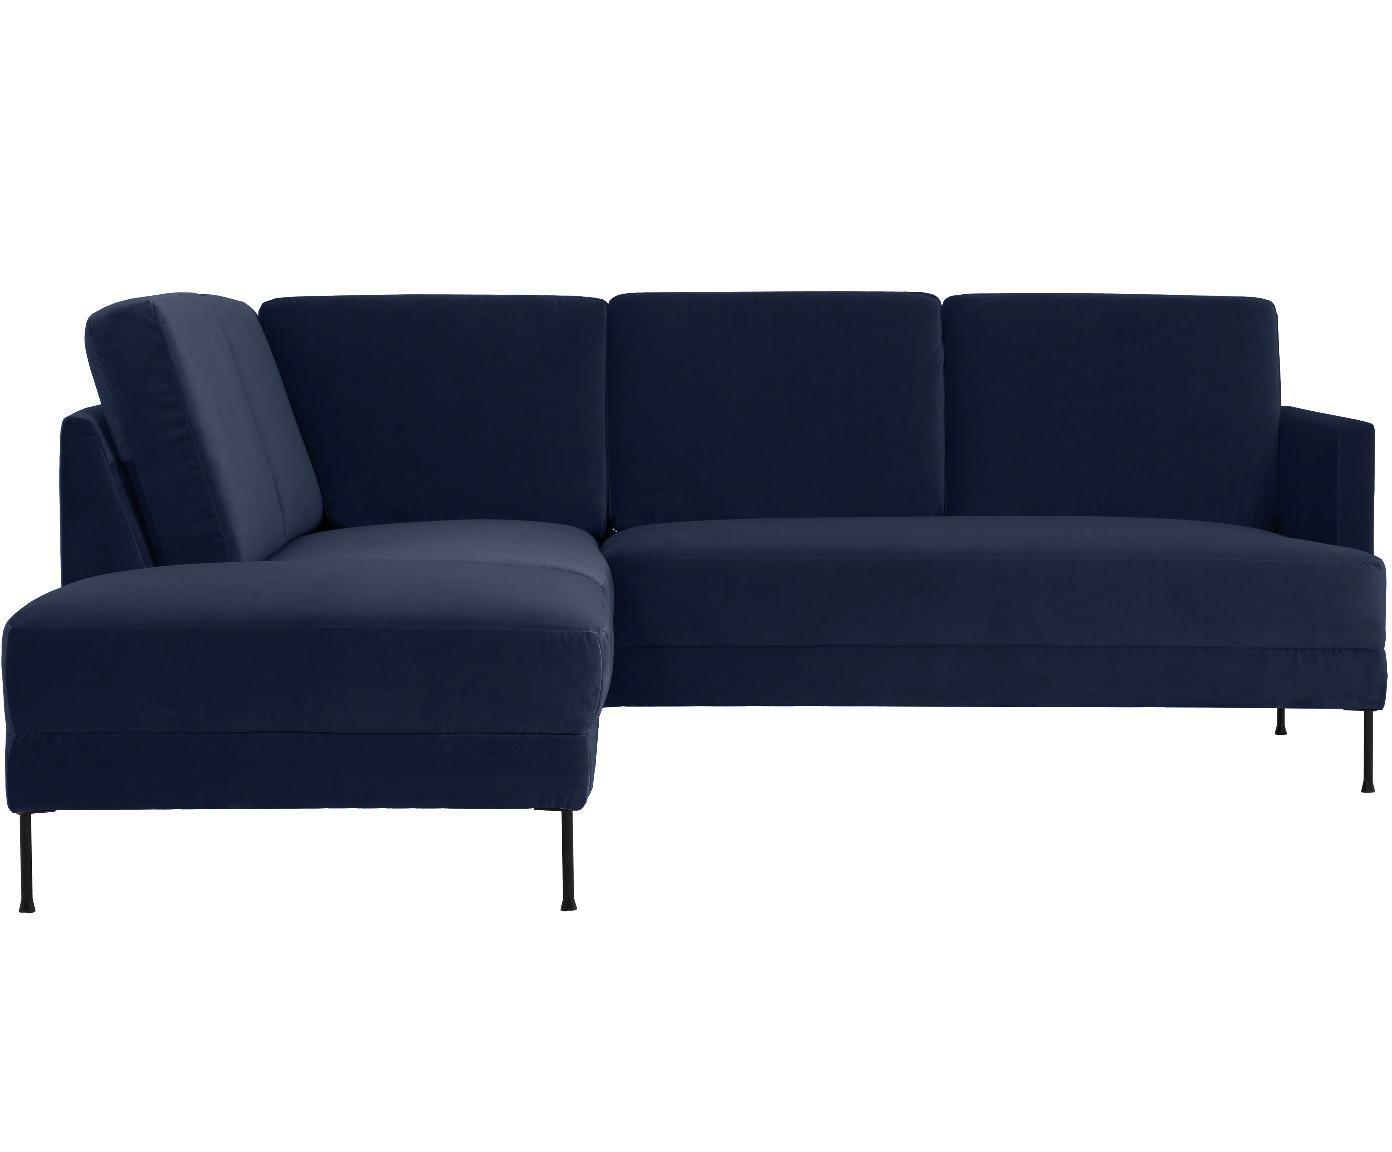 Sofa narożna z aksamitu Fluente, Tapicerka: aksamit (wysokiej jakości, Stelaż: lite drewno sosnowe, Nogi: metal lakierowany, Aksamitny ciemny niebieski, S 221 x G 200 cm